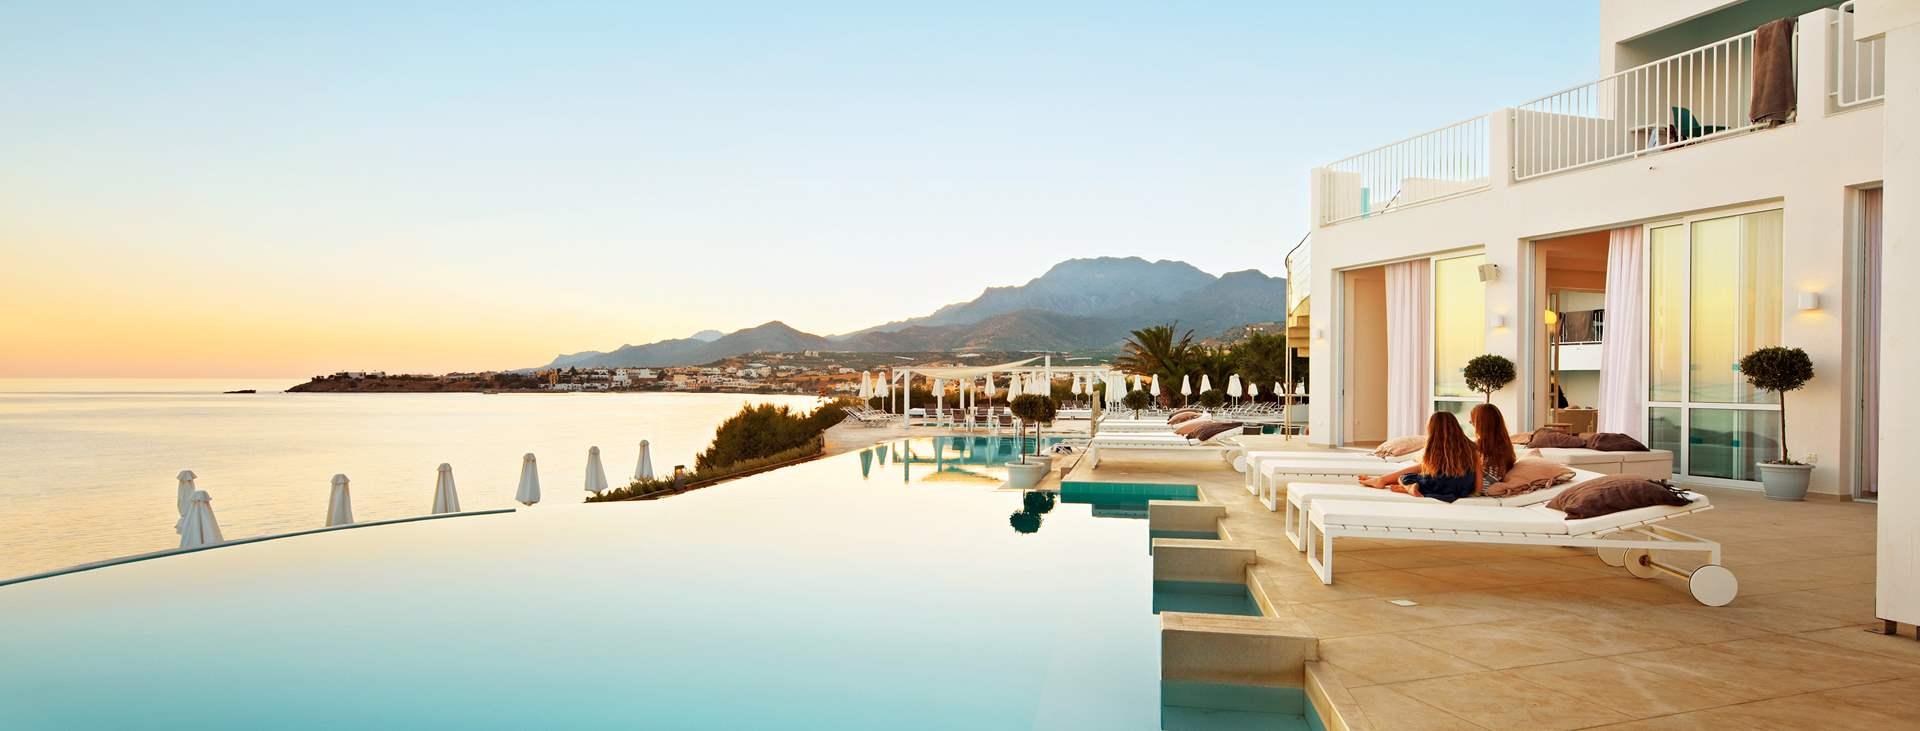 Varaa All Inclusive -hotelli lapsiystävällisessä Makrigioloksessa, Kreetalla